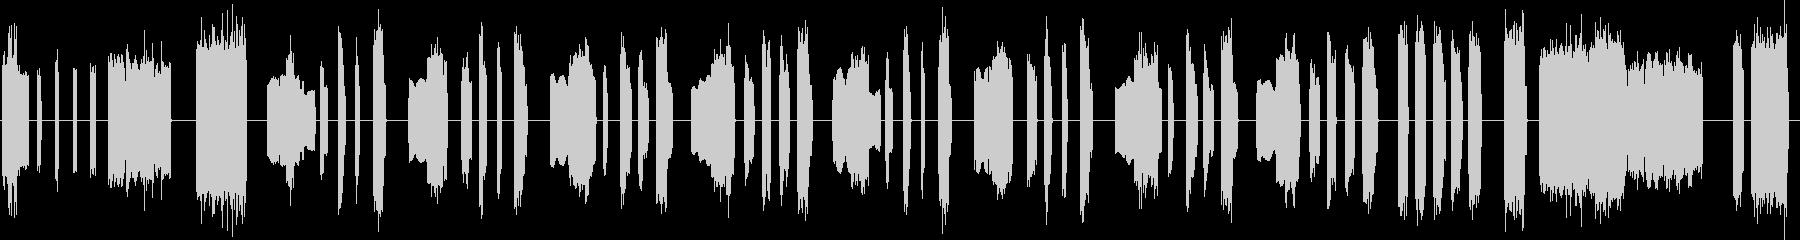 レトロなオルガンのコミカルなジングルの未再生の波形